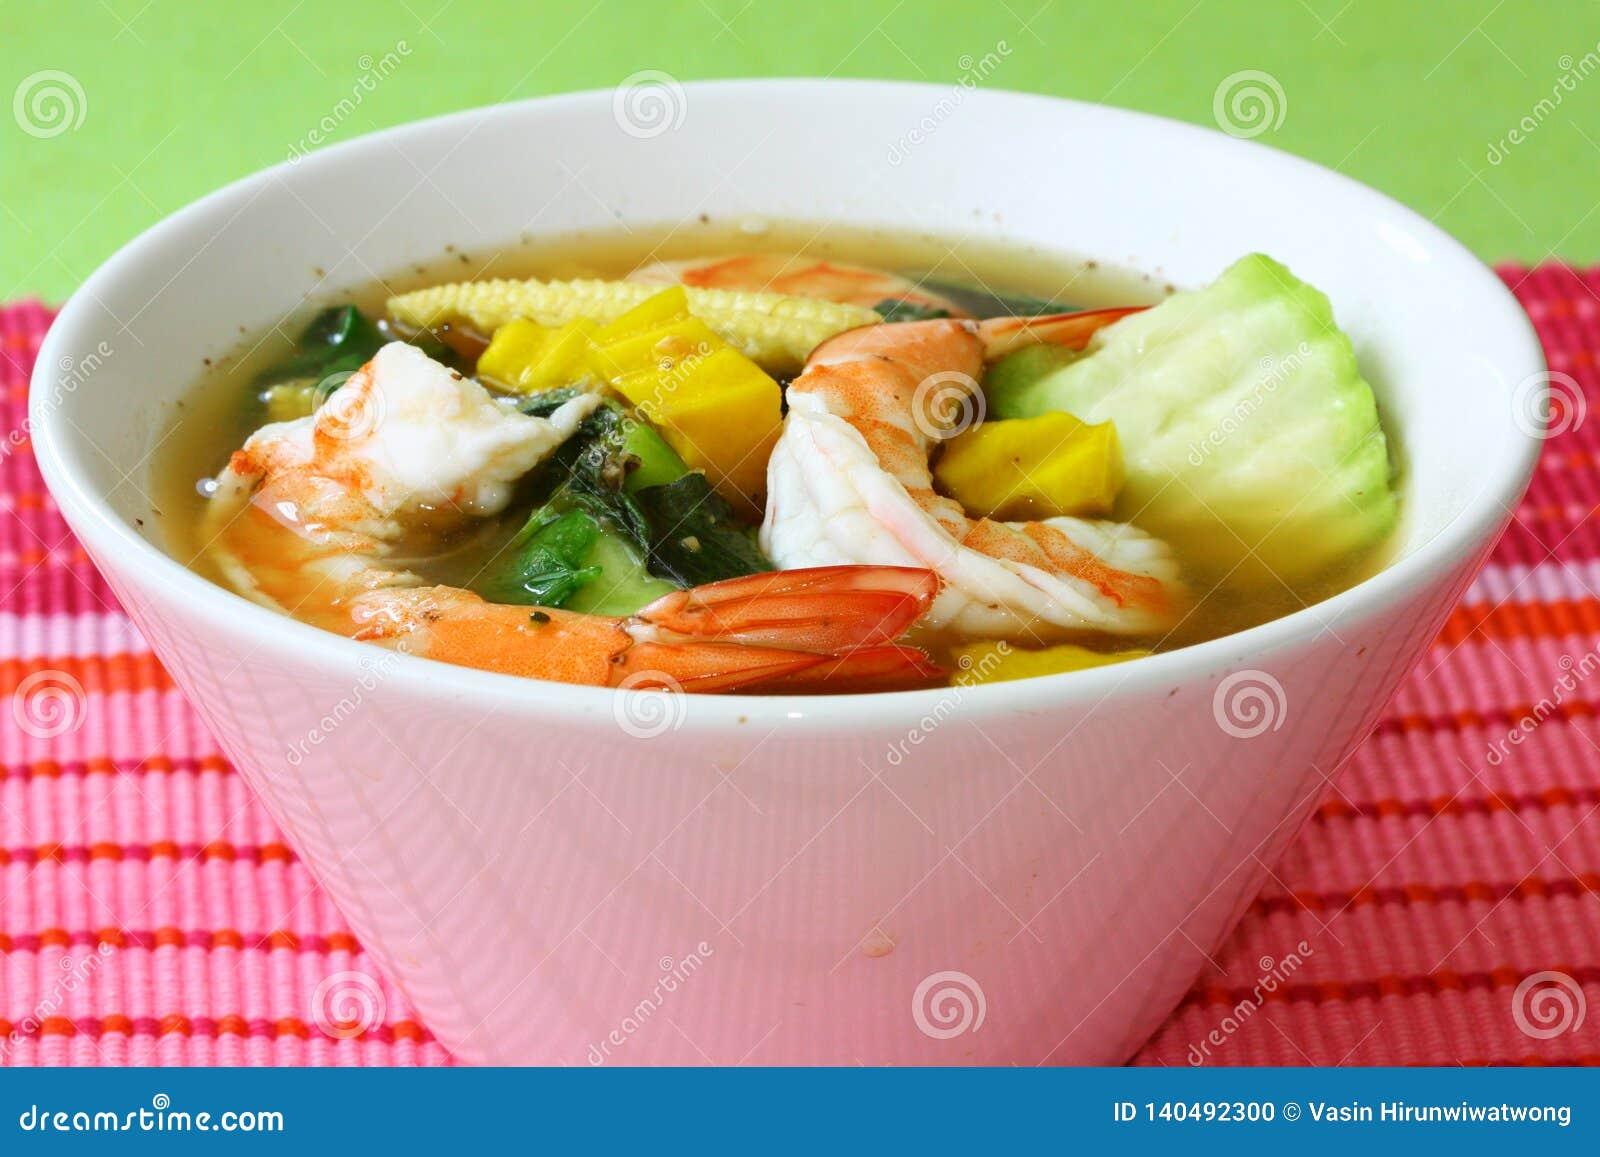 Тайский пряный смешанный овощной суп с шатией Liang Goong креветок